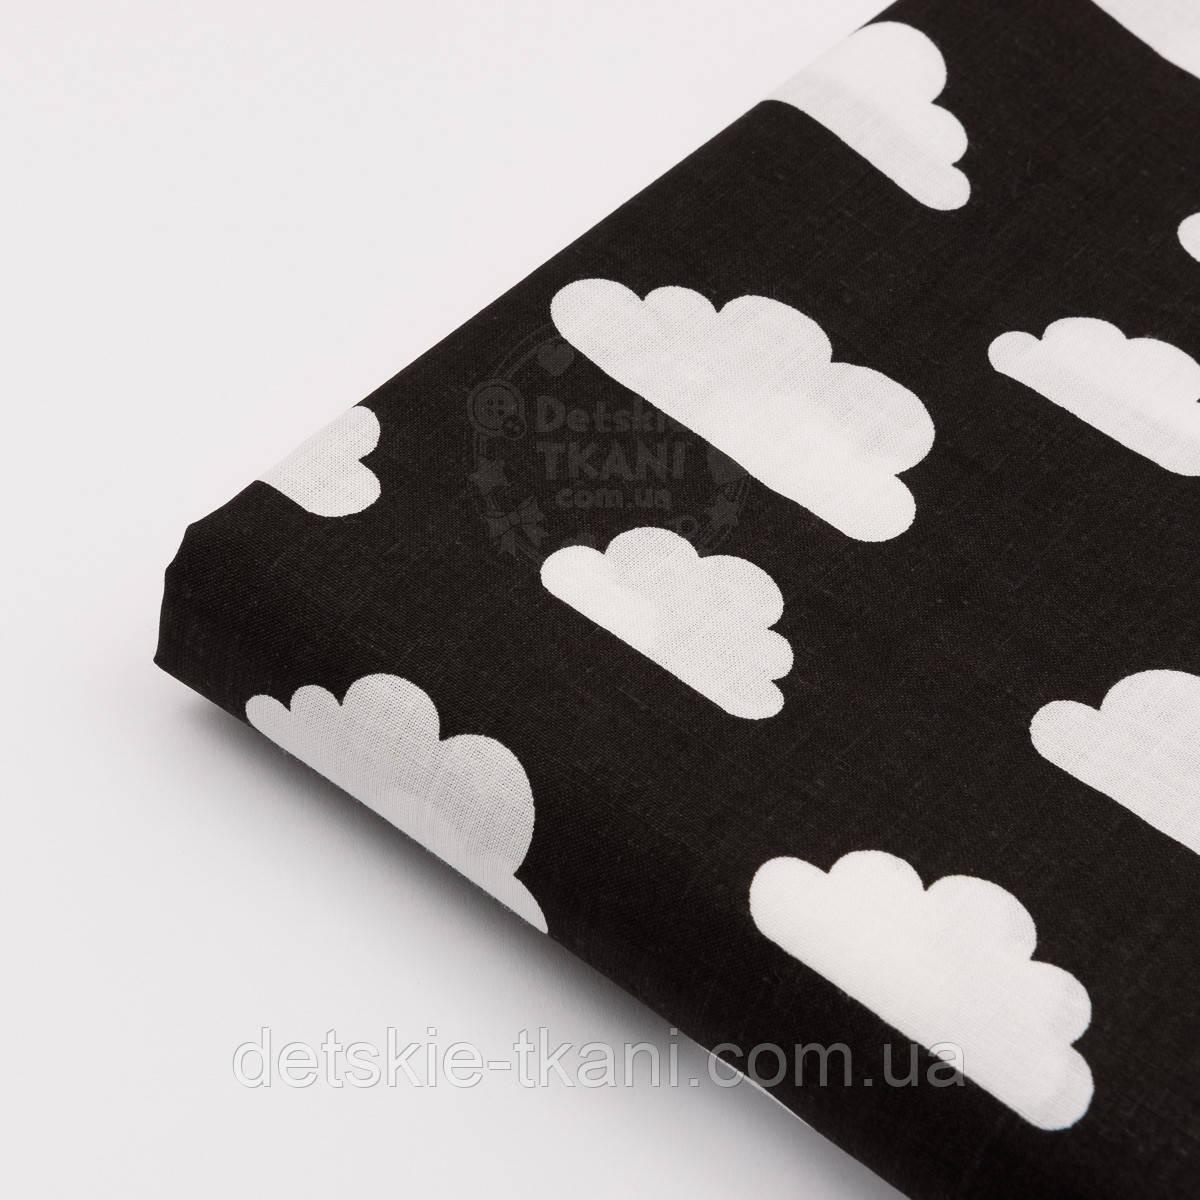 Лоскут ткани №565а с белыми облаками разной величины на чёрном фоне, размер 35*37 см